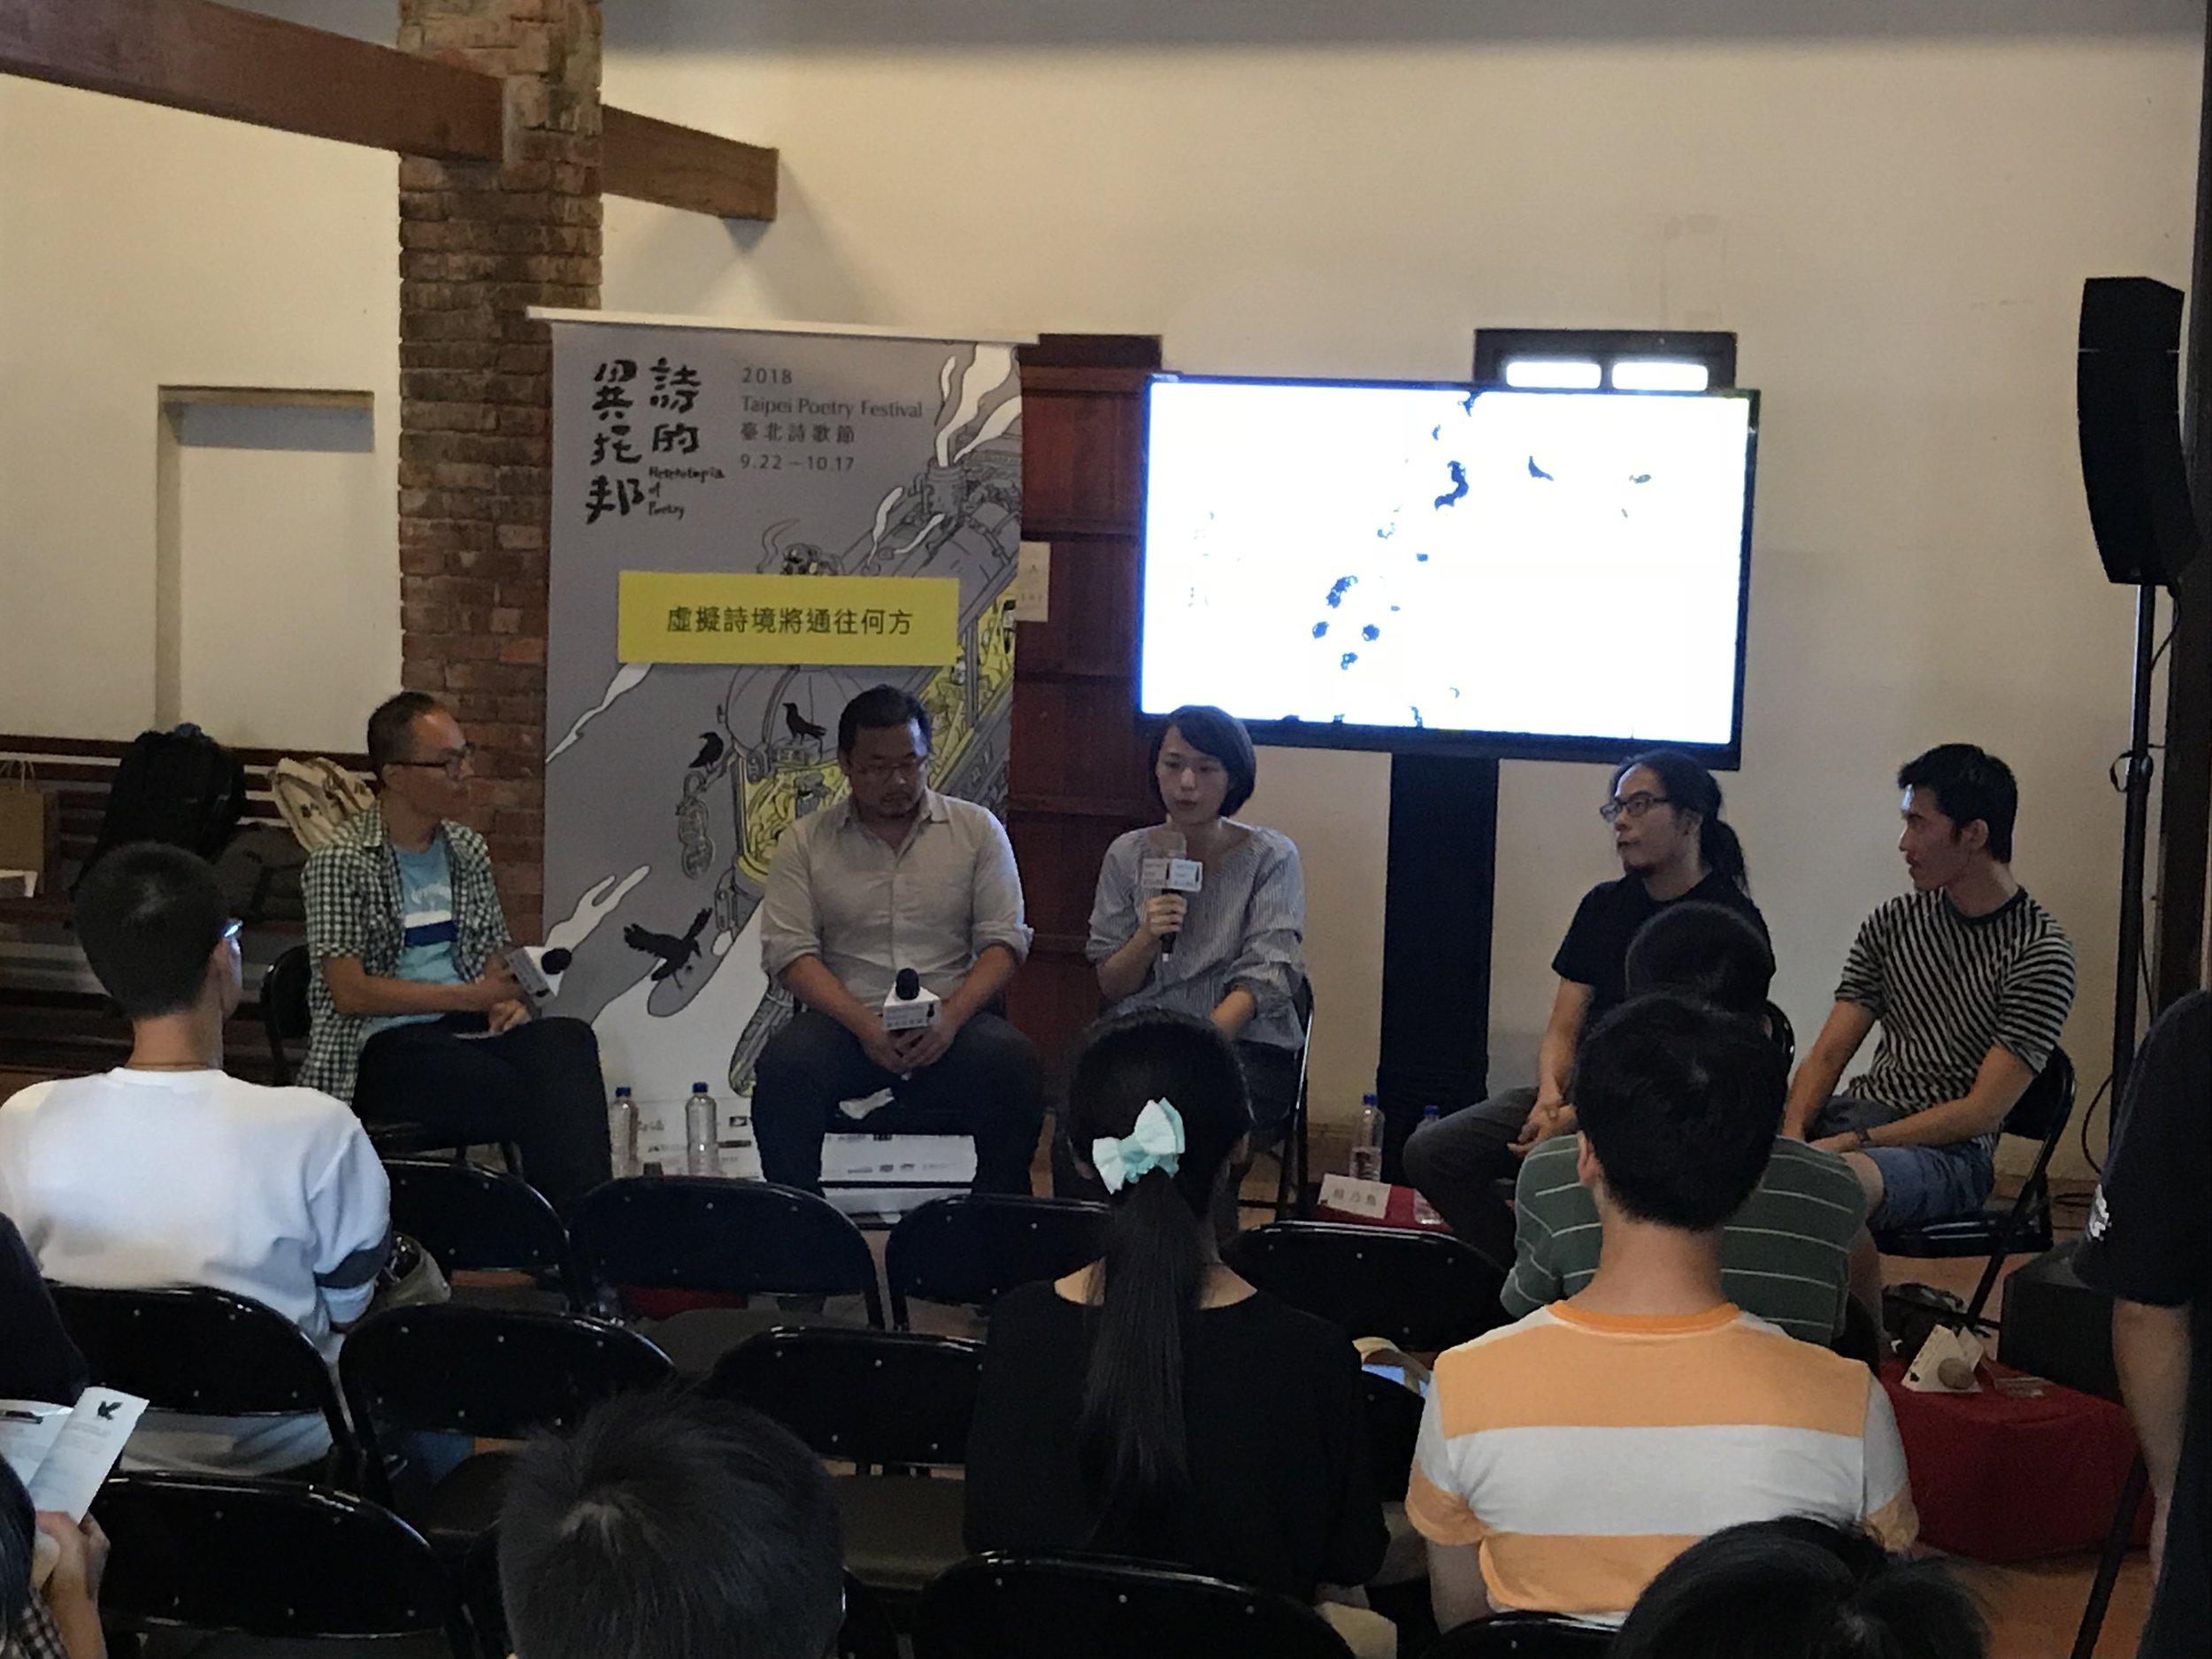 臺北詩歌節《詩蠹阡陌》VR 體驗展論壇《虛擬詩境將通往何方?》